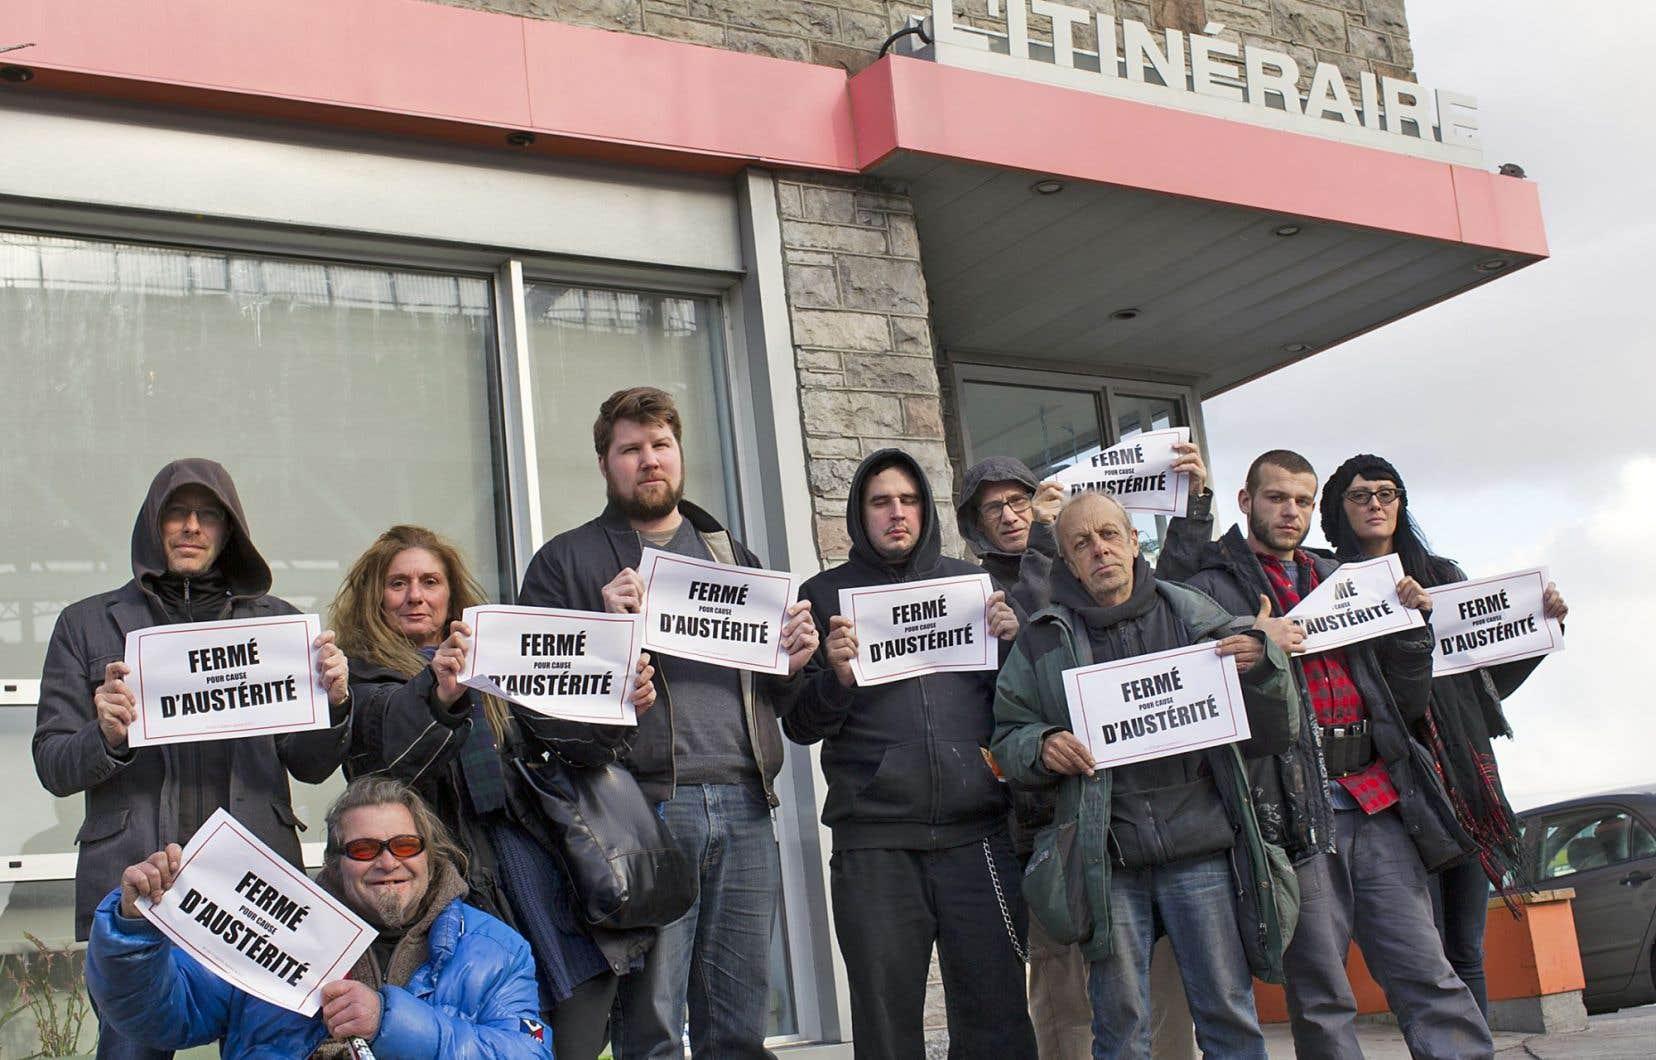 Des centaines d'organismes communautaires fermeront leurs portes lundi pendant 225 minutes, pour dénoncer leur sous-financement et les politiques d'austérité de Québec.